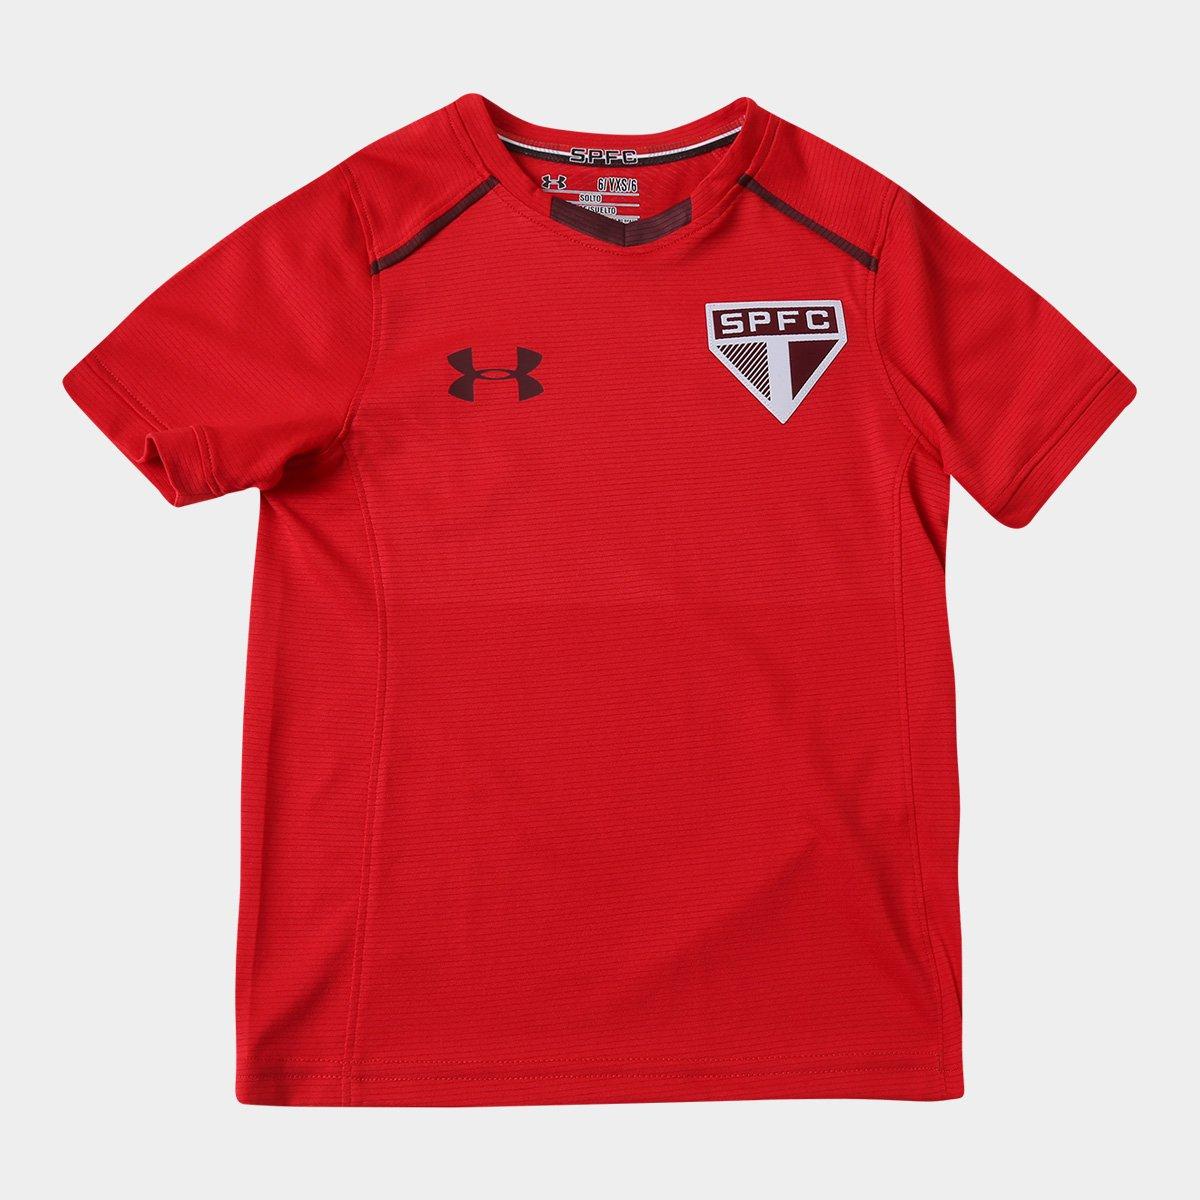 d67c6e8eafd Camisa de Treino São Paulo Infantil 17 18 Under Armour - Compre Agora